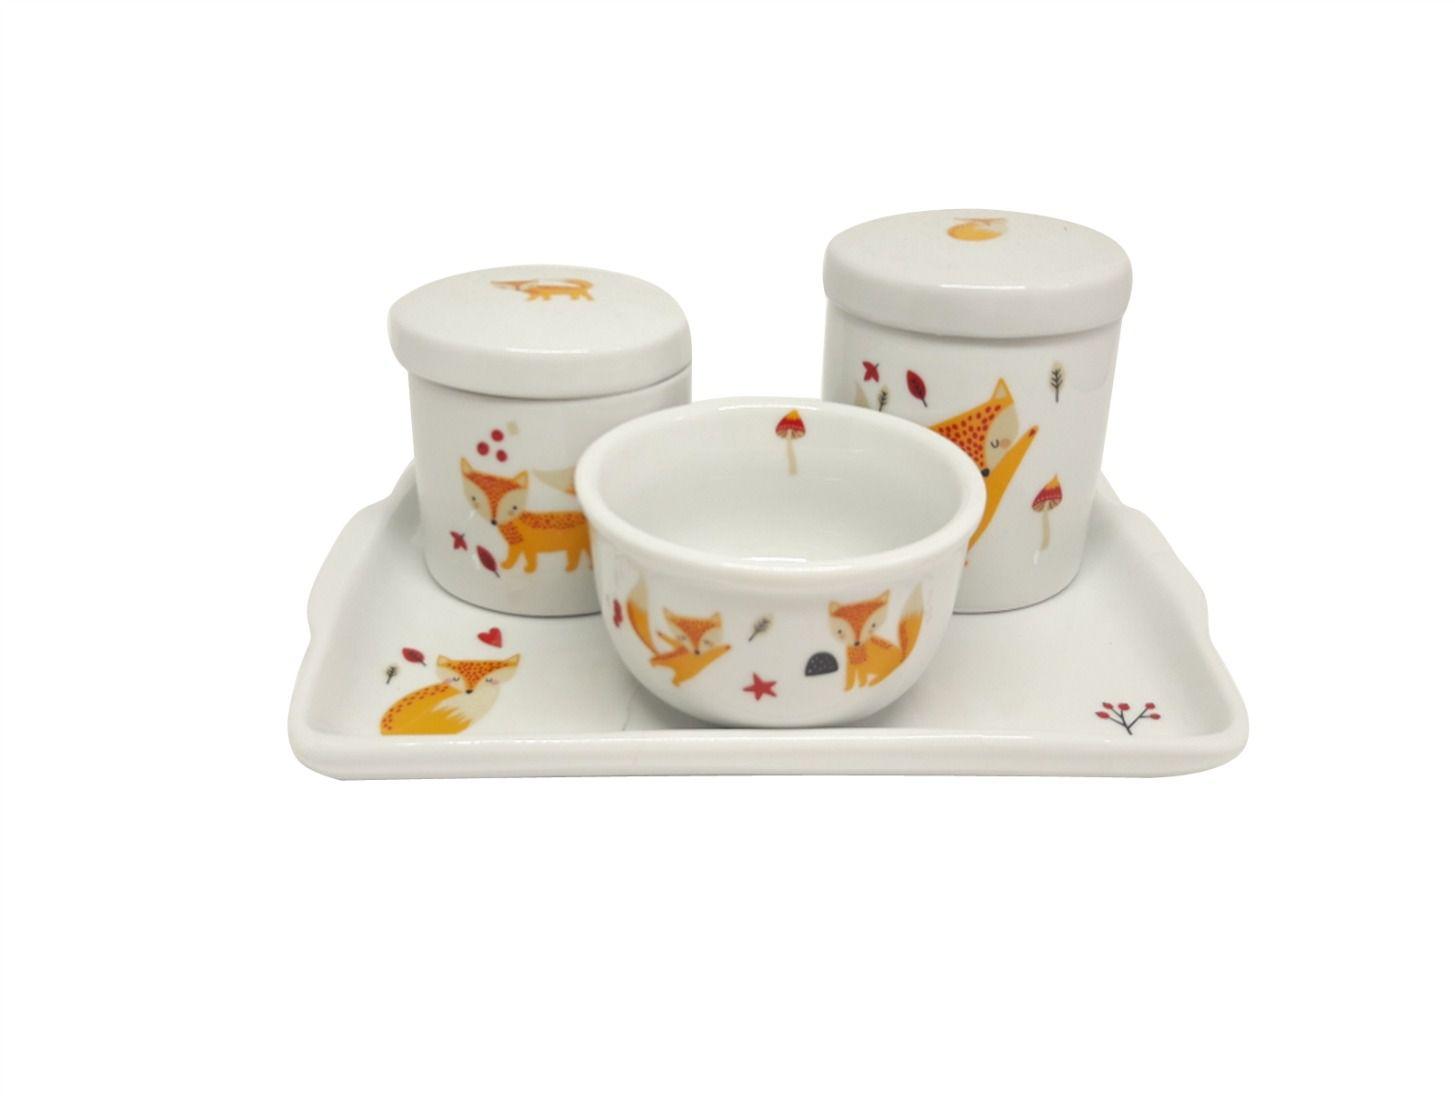 Kit Higiene Porcelana Raposa Com Bandeja em Porcelana Decorada